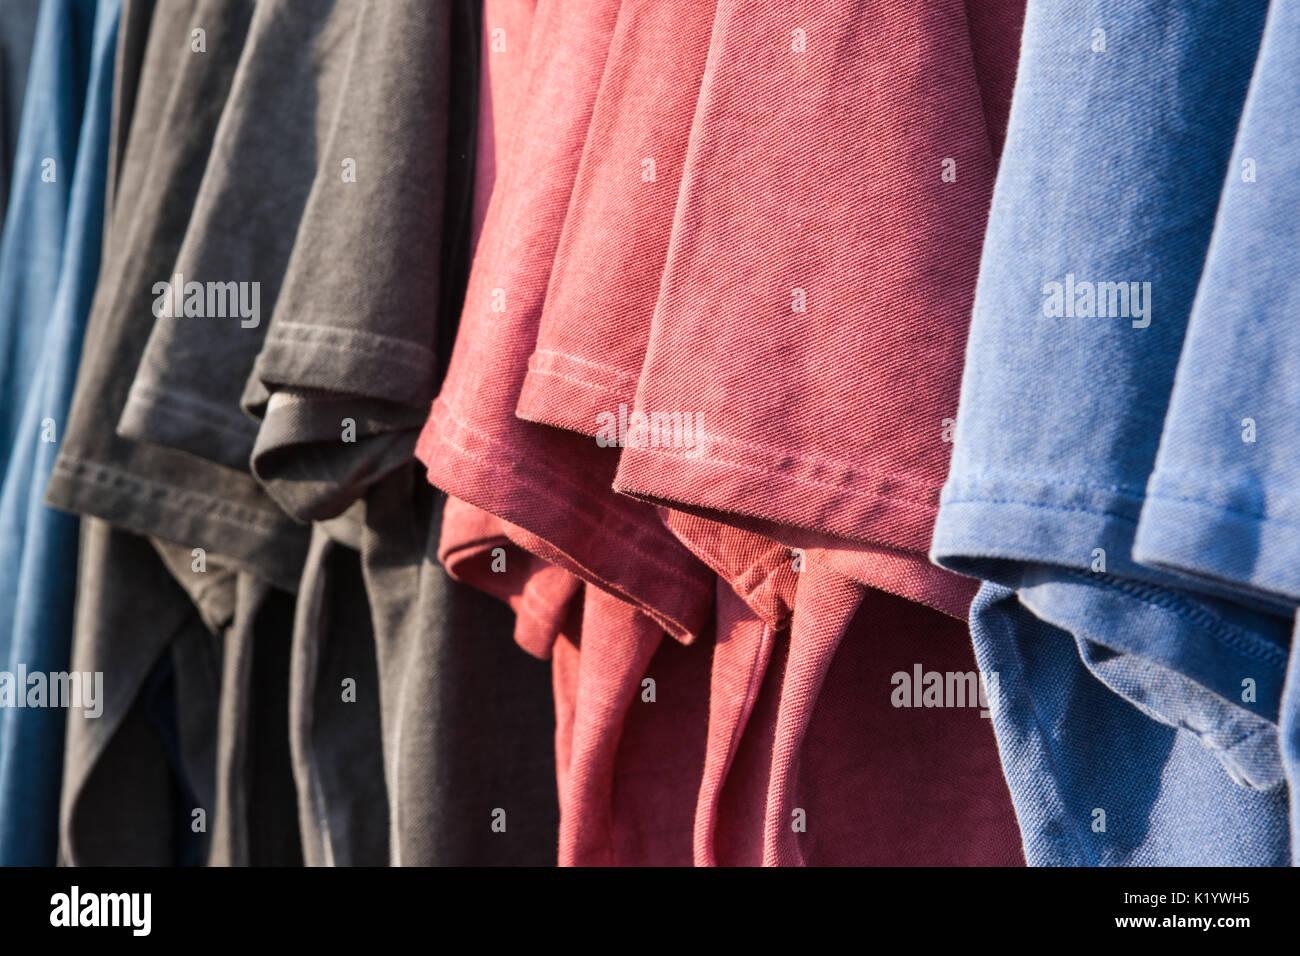 Bleu, rouge et gris foncé t-shirts hang d'affilée sur l'affichage pour la vente à une piscine extérieure locale équitable. Vue rapprochée. Photo Stock